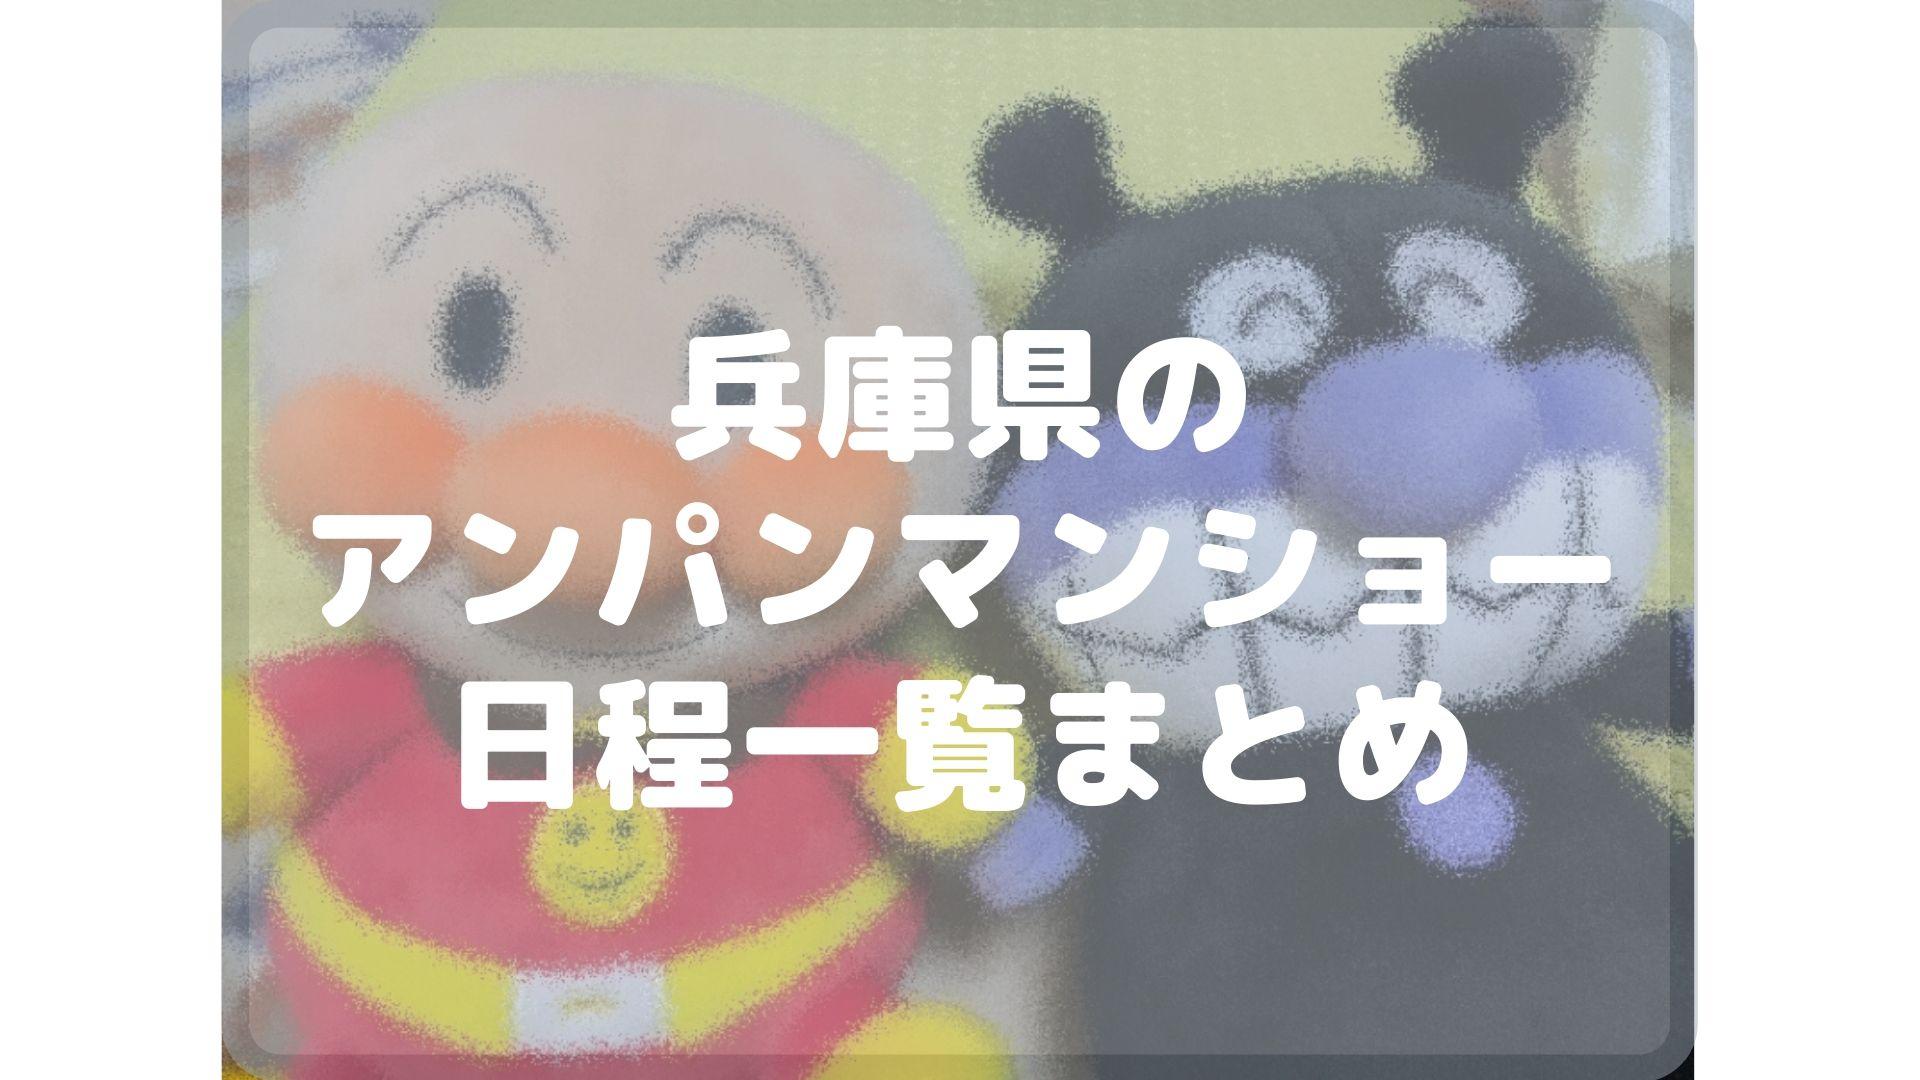 兵庫県のアンパンマンショーまとめタイトル画像